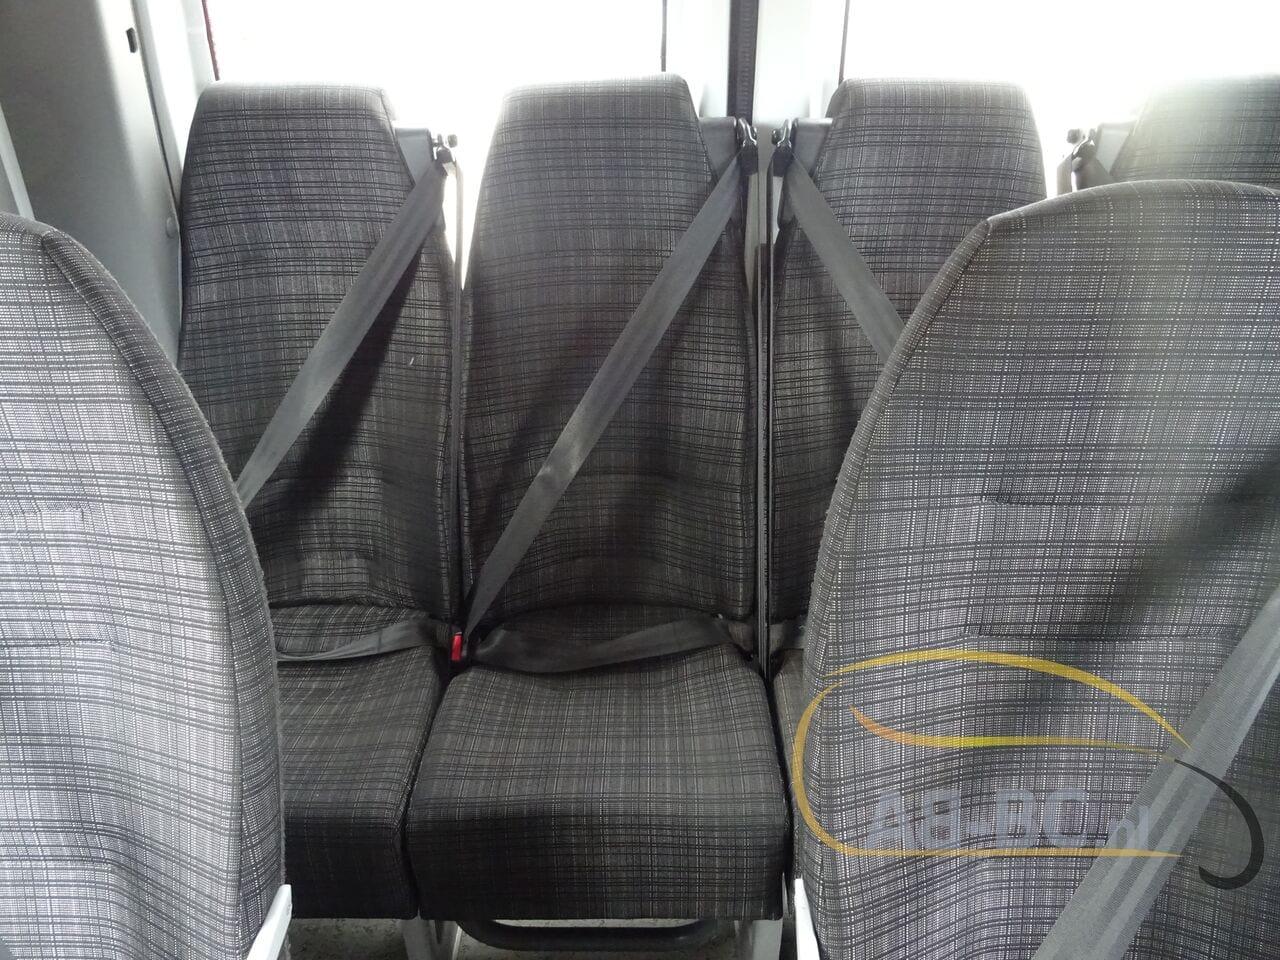 coach-busMERCEDES-BENZ-516-CDI-Sprinter-Transfer-45-23-Seats-EURO-6---1625235073309952303_big_31ee602624bd9bf9a462e34f449ad7d9--21060112394245379500